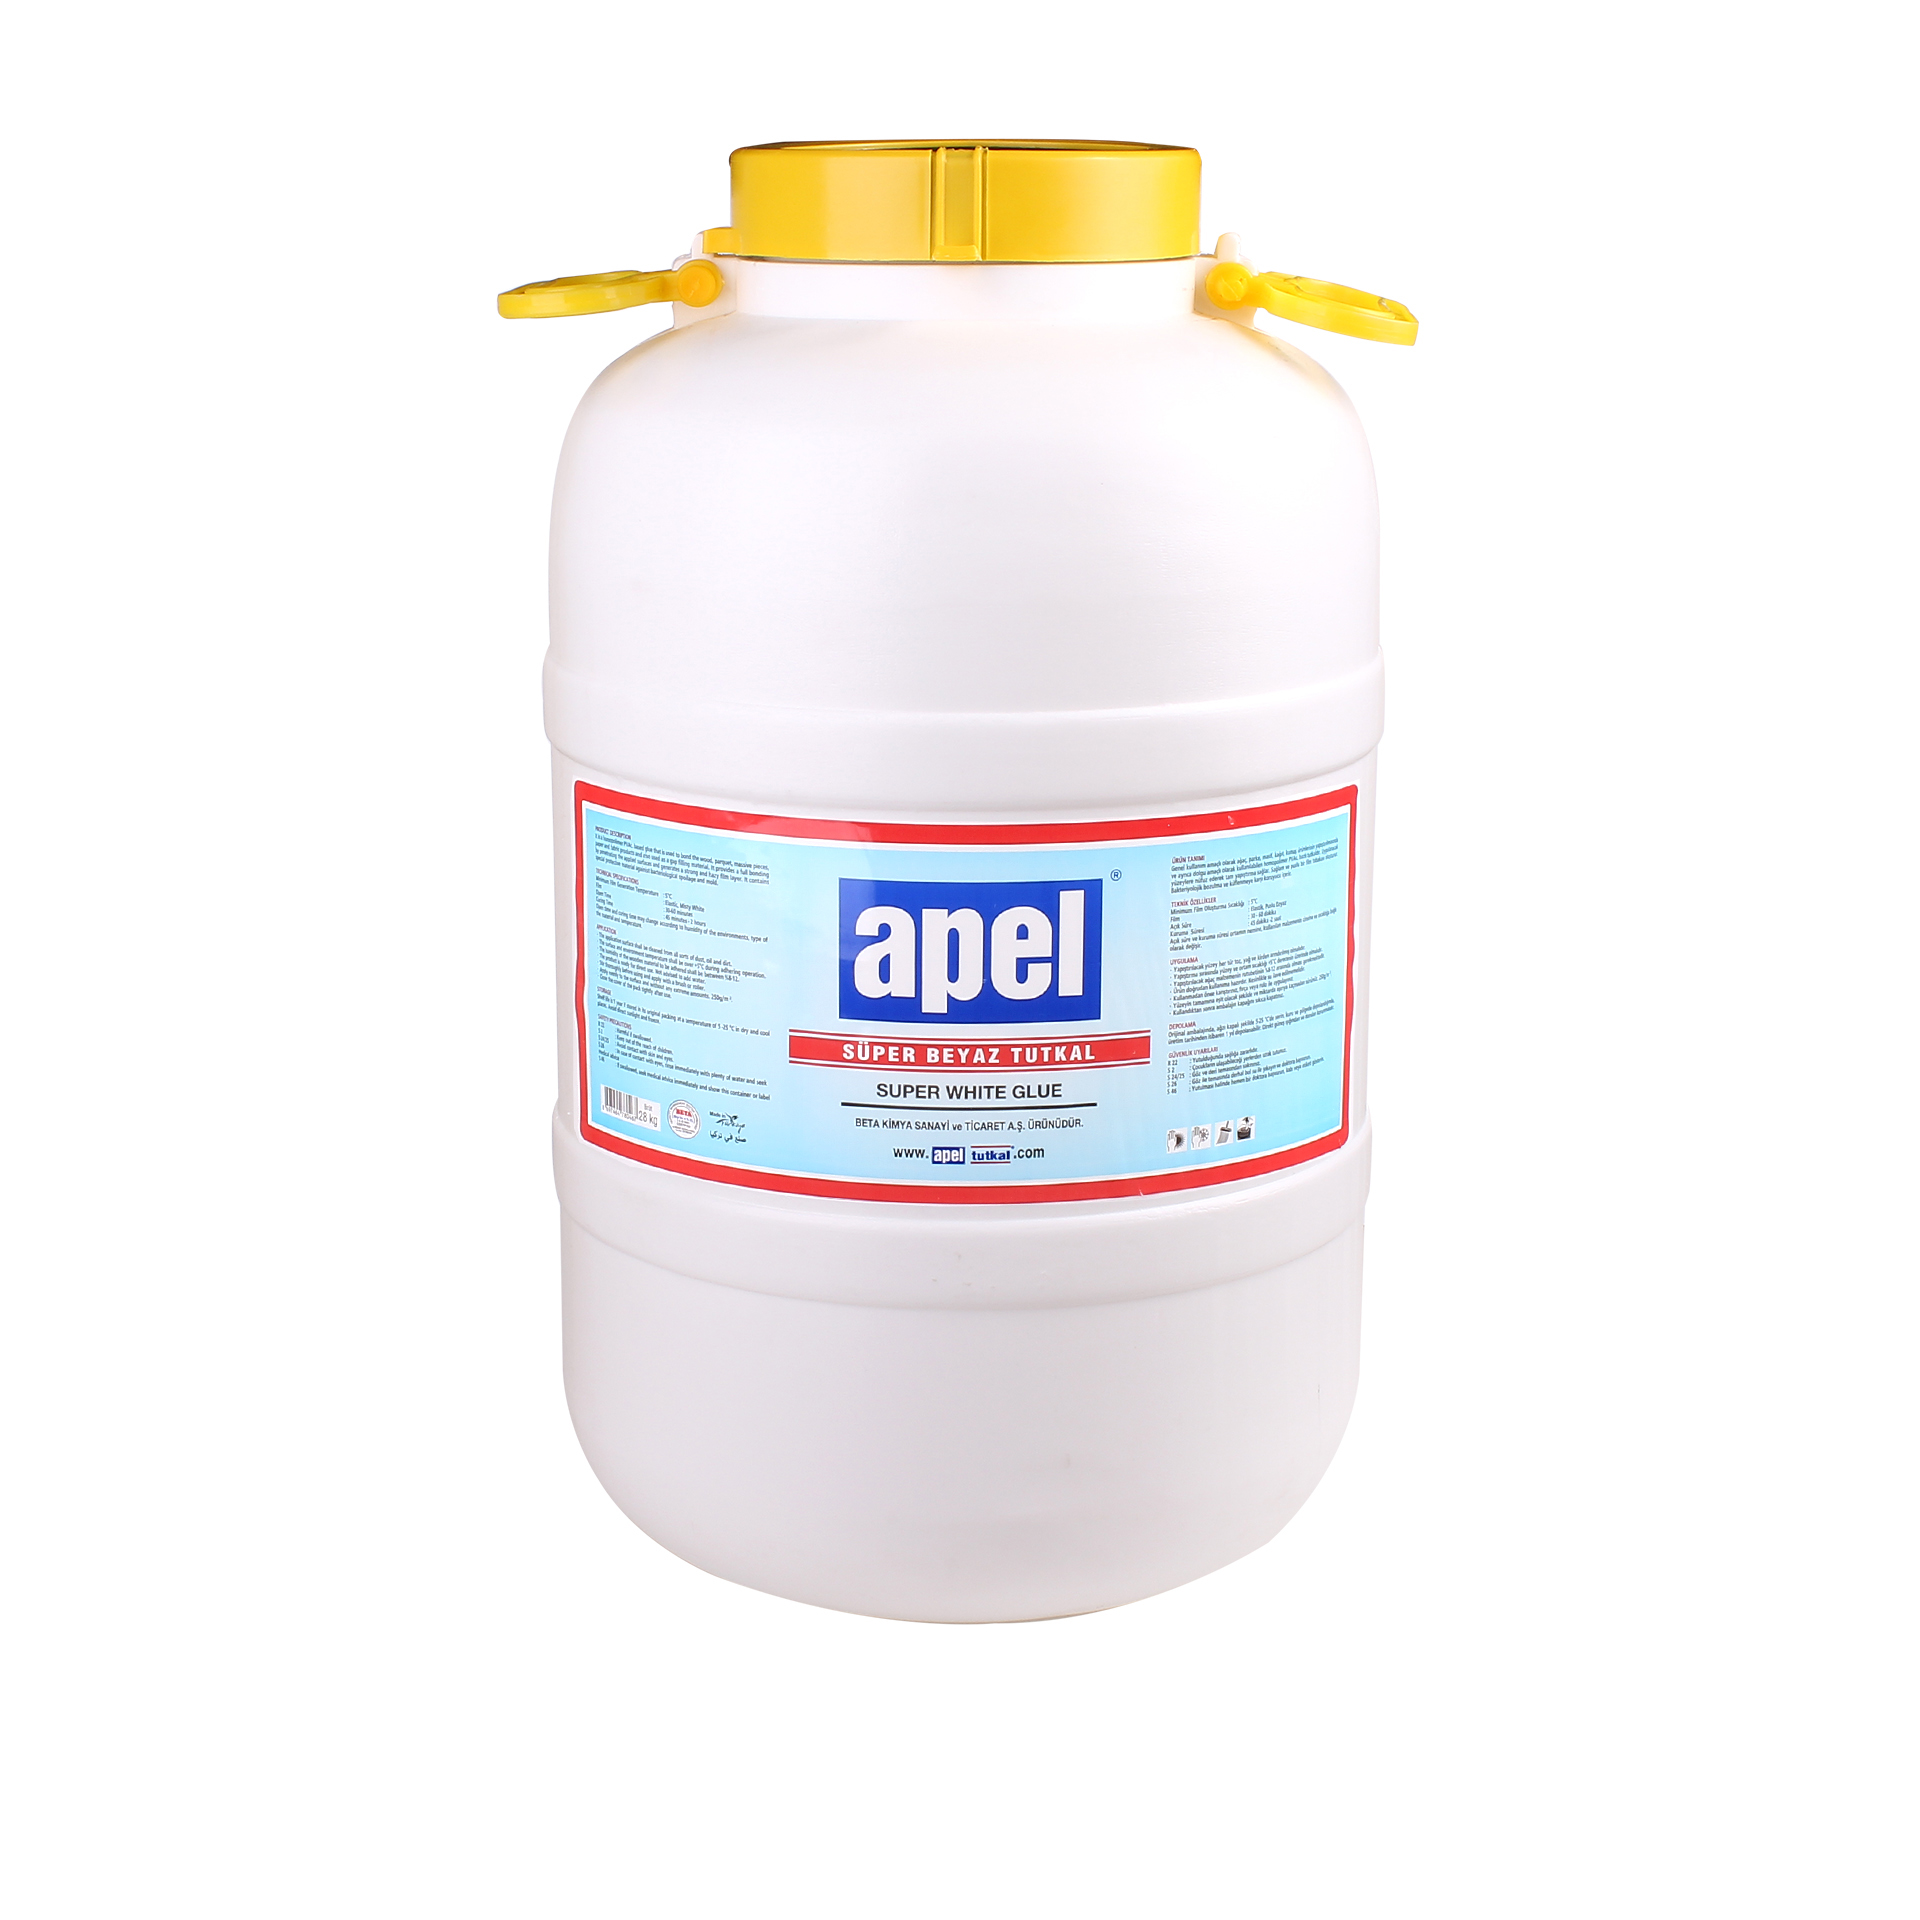 APEL White-Massive Glue_2